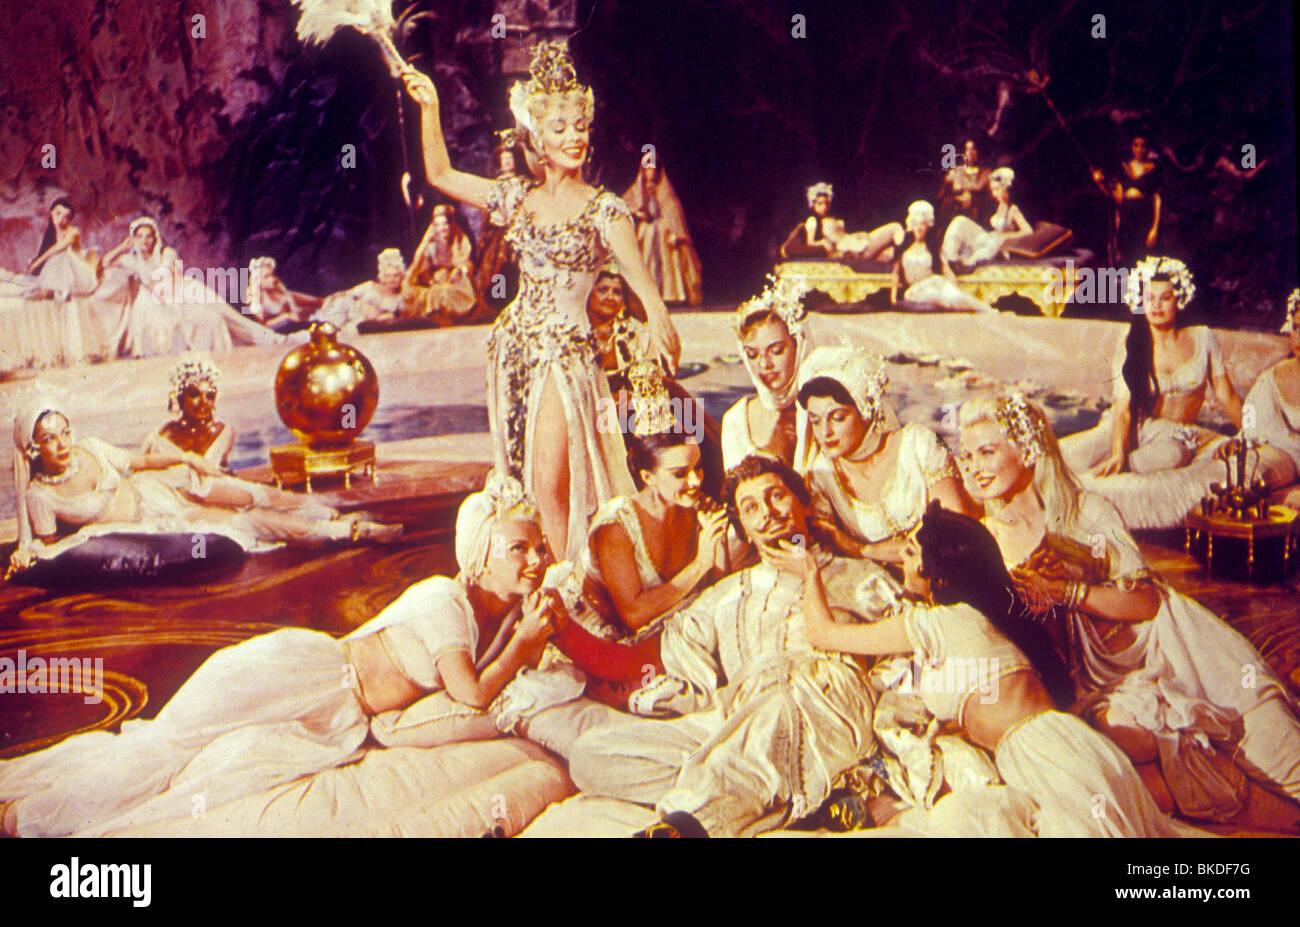 KISMET-1955 HOWARD KEEL Stockbild